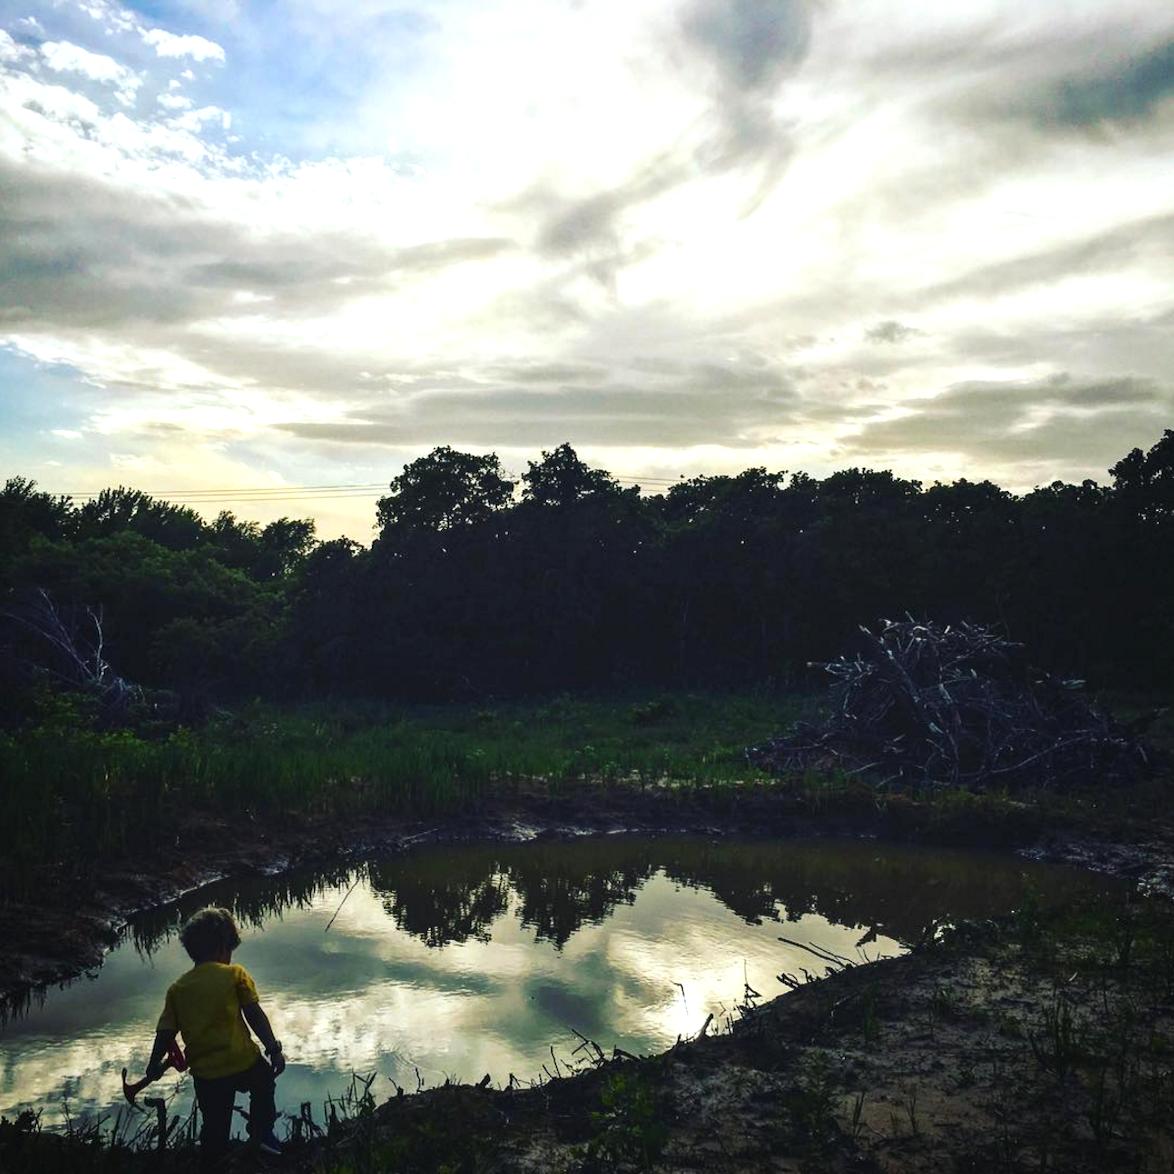 Boy_Farming_In-Pond.png